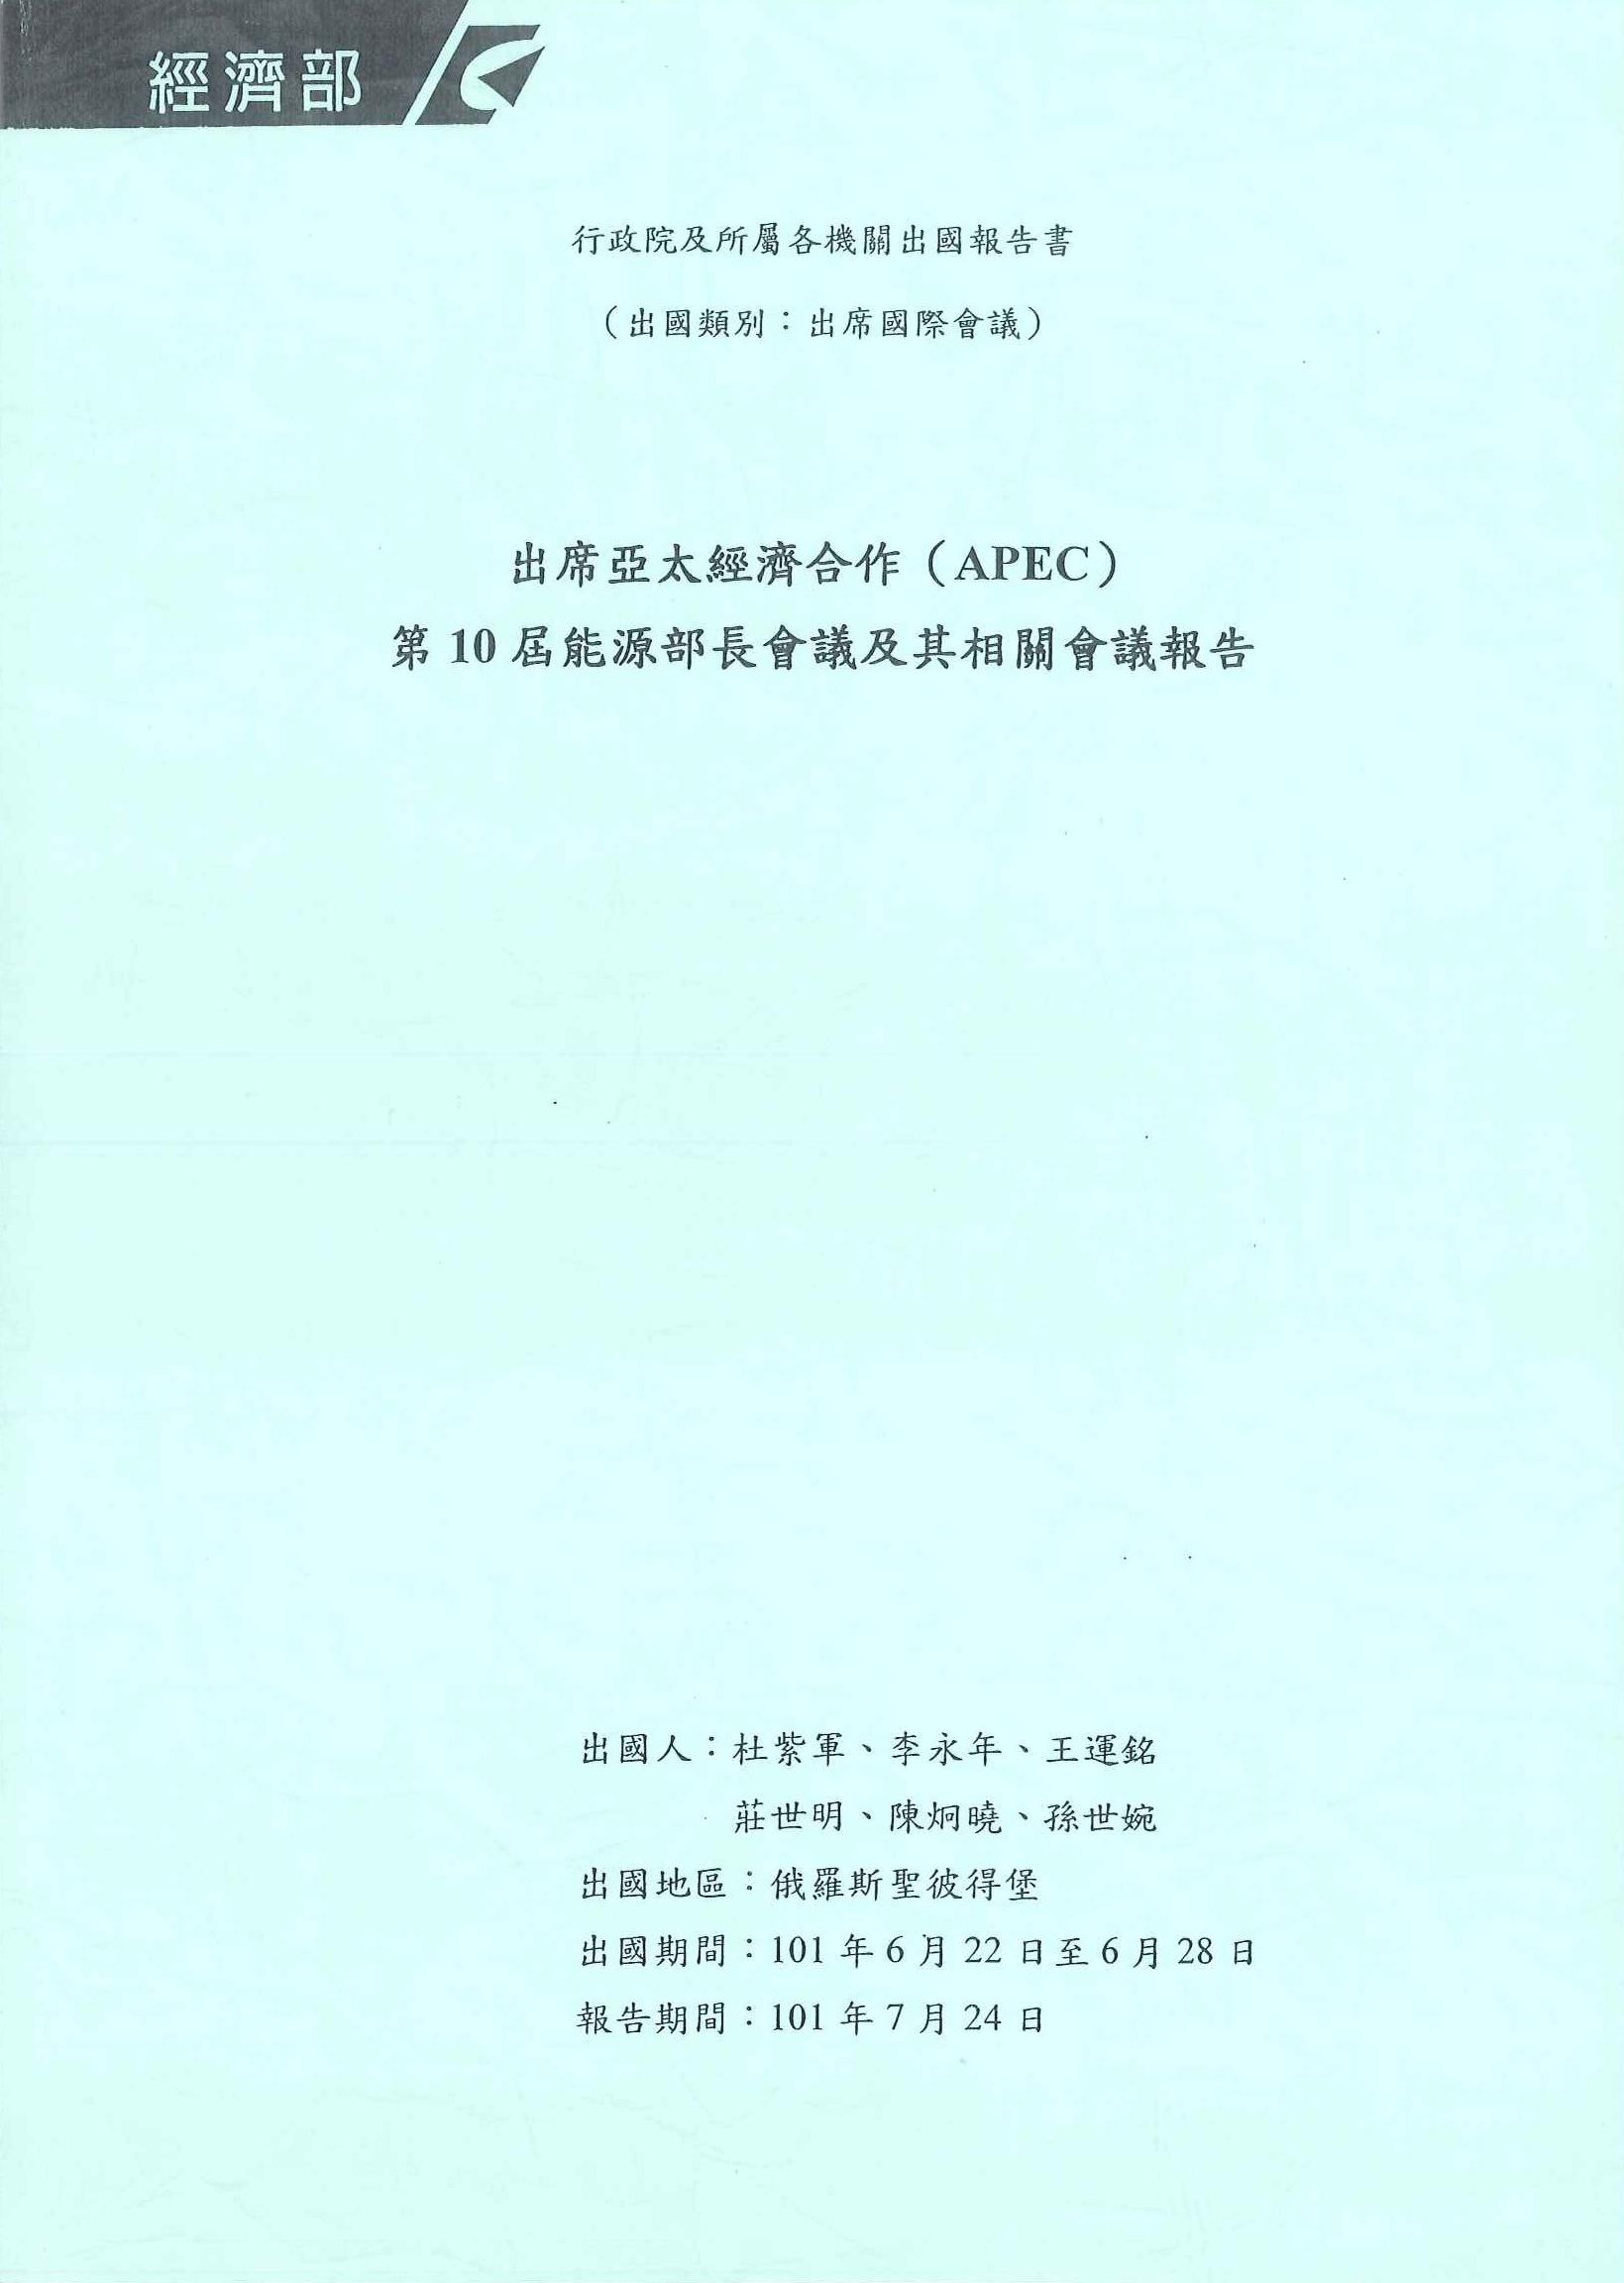 出席亞太經濟合作(APEC)第10屆能源部長會議及其他相關會議報告